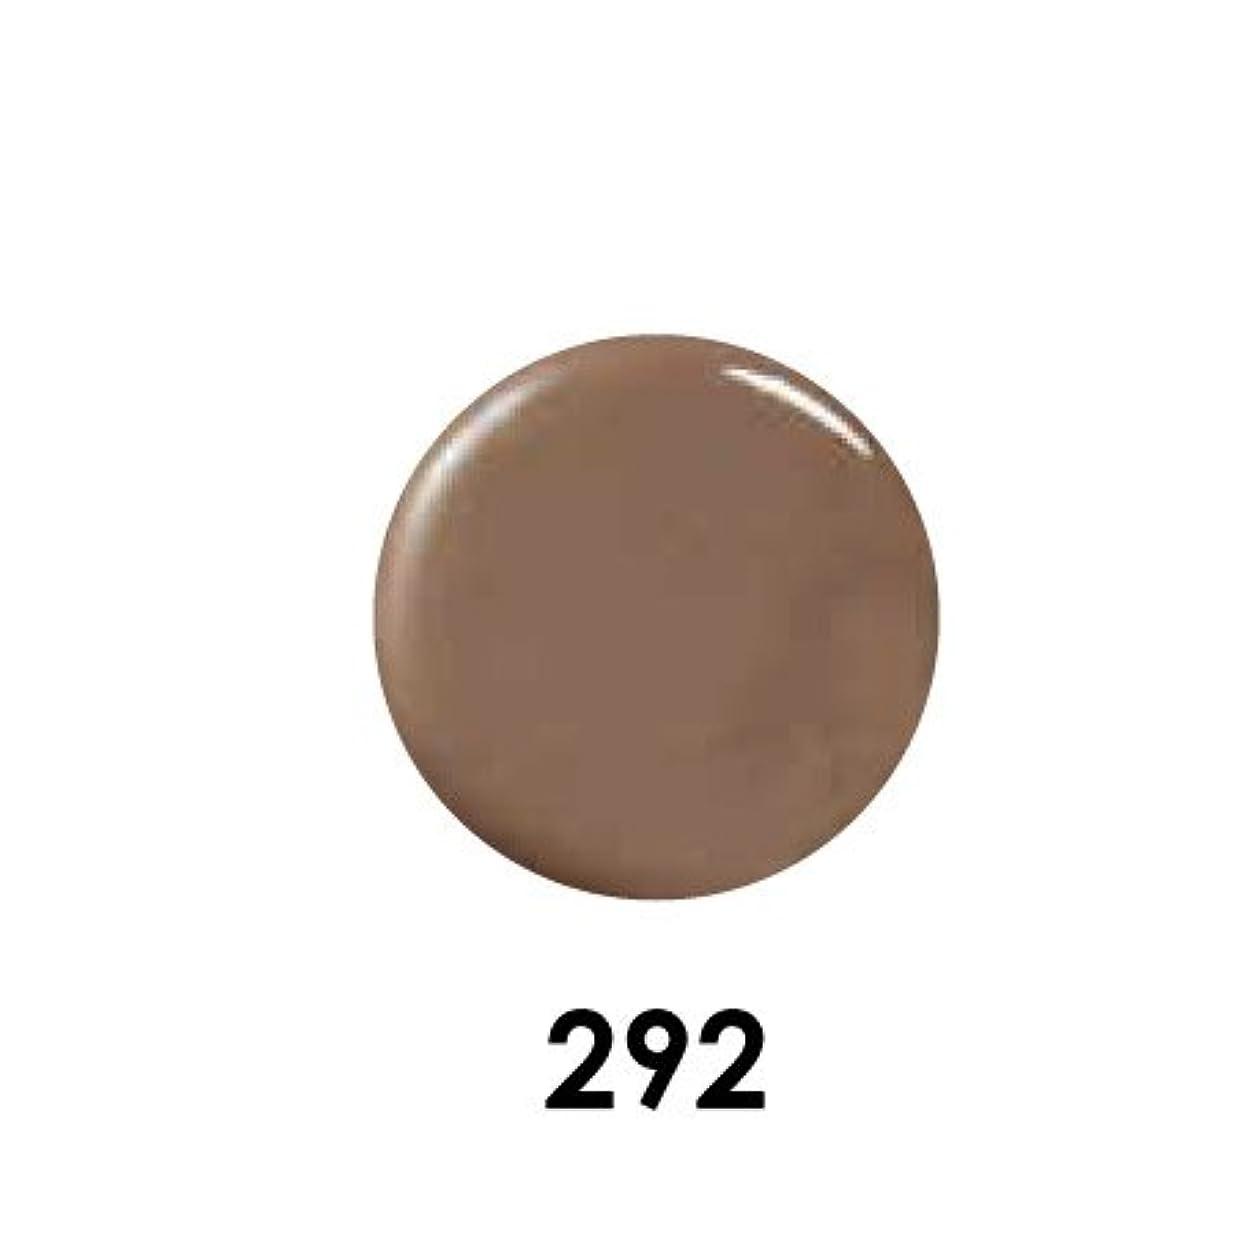 アジアオーストラリア裕福なPutiel プティール カラージェル 292 ジプシーブラウン 2g (MARIEプロデュース)